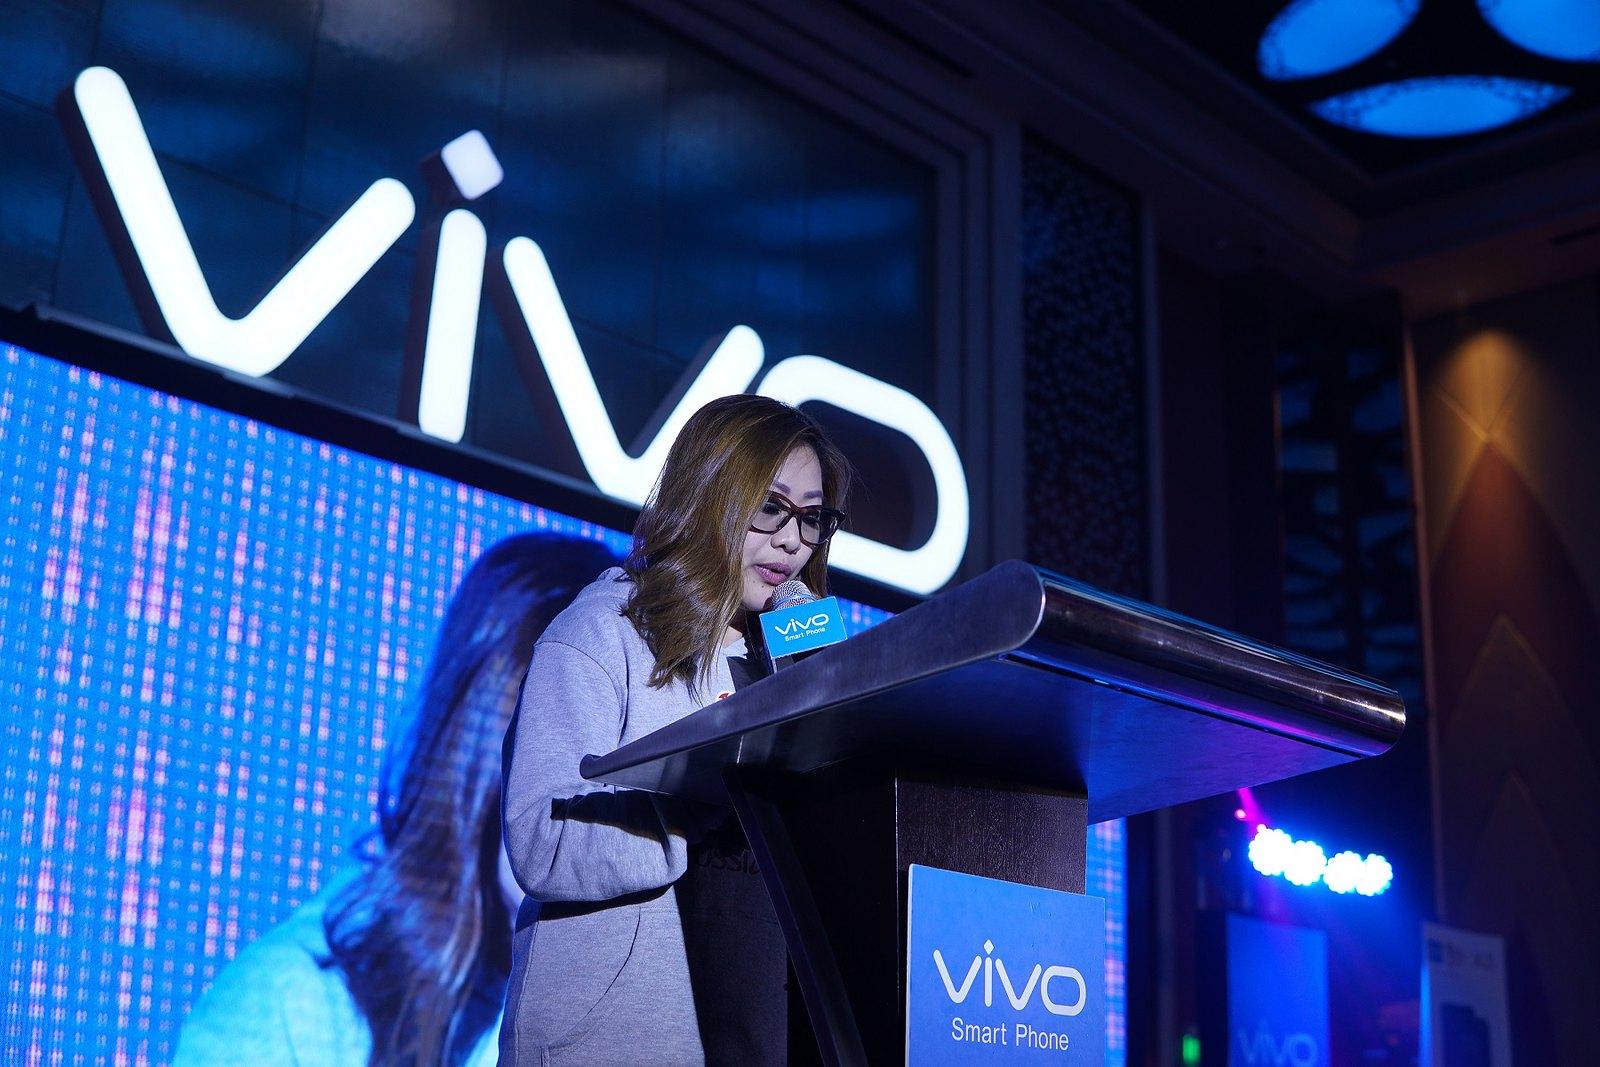 Vivo X21 Philippines Price